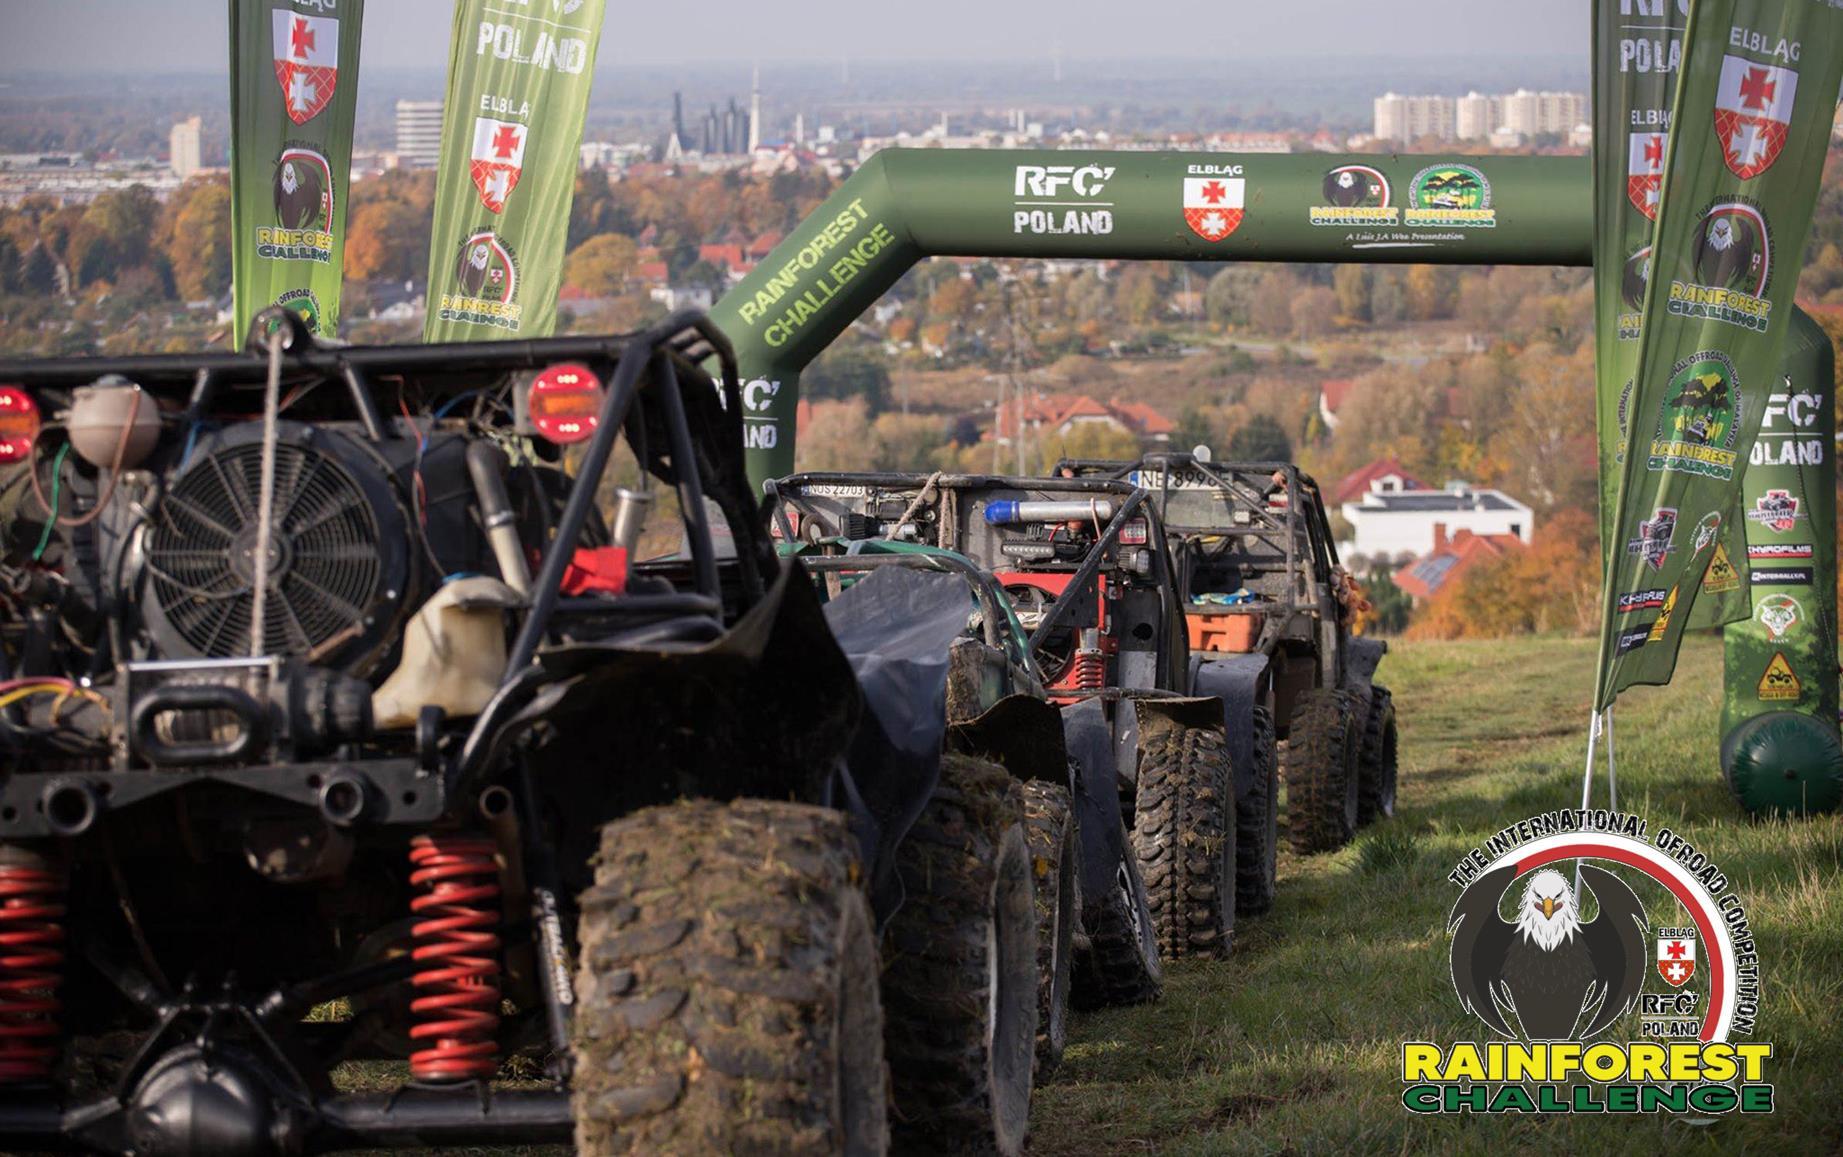 Rfc Poland Oficjalny Trening (12.12.2020) Film Khyrofilms